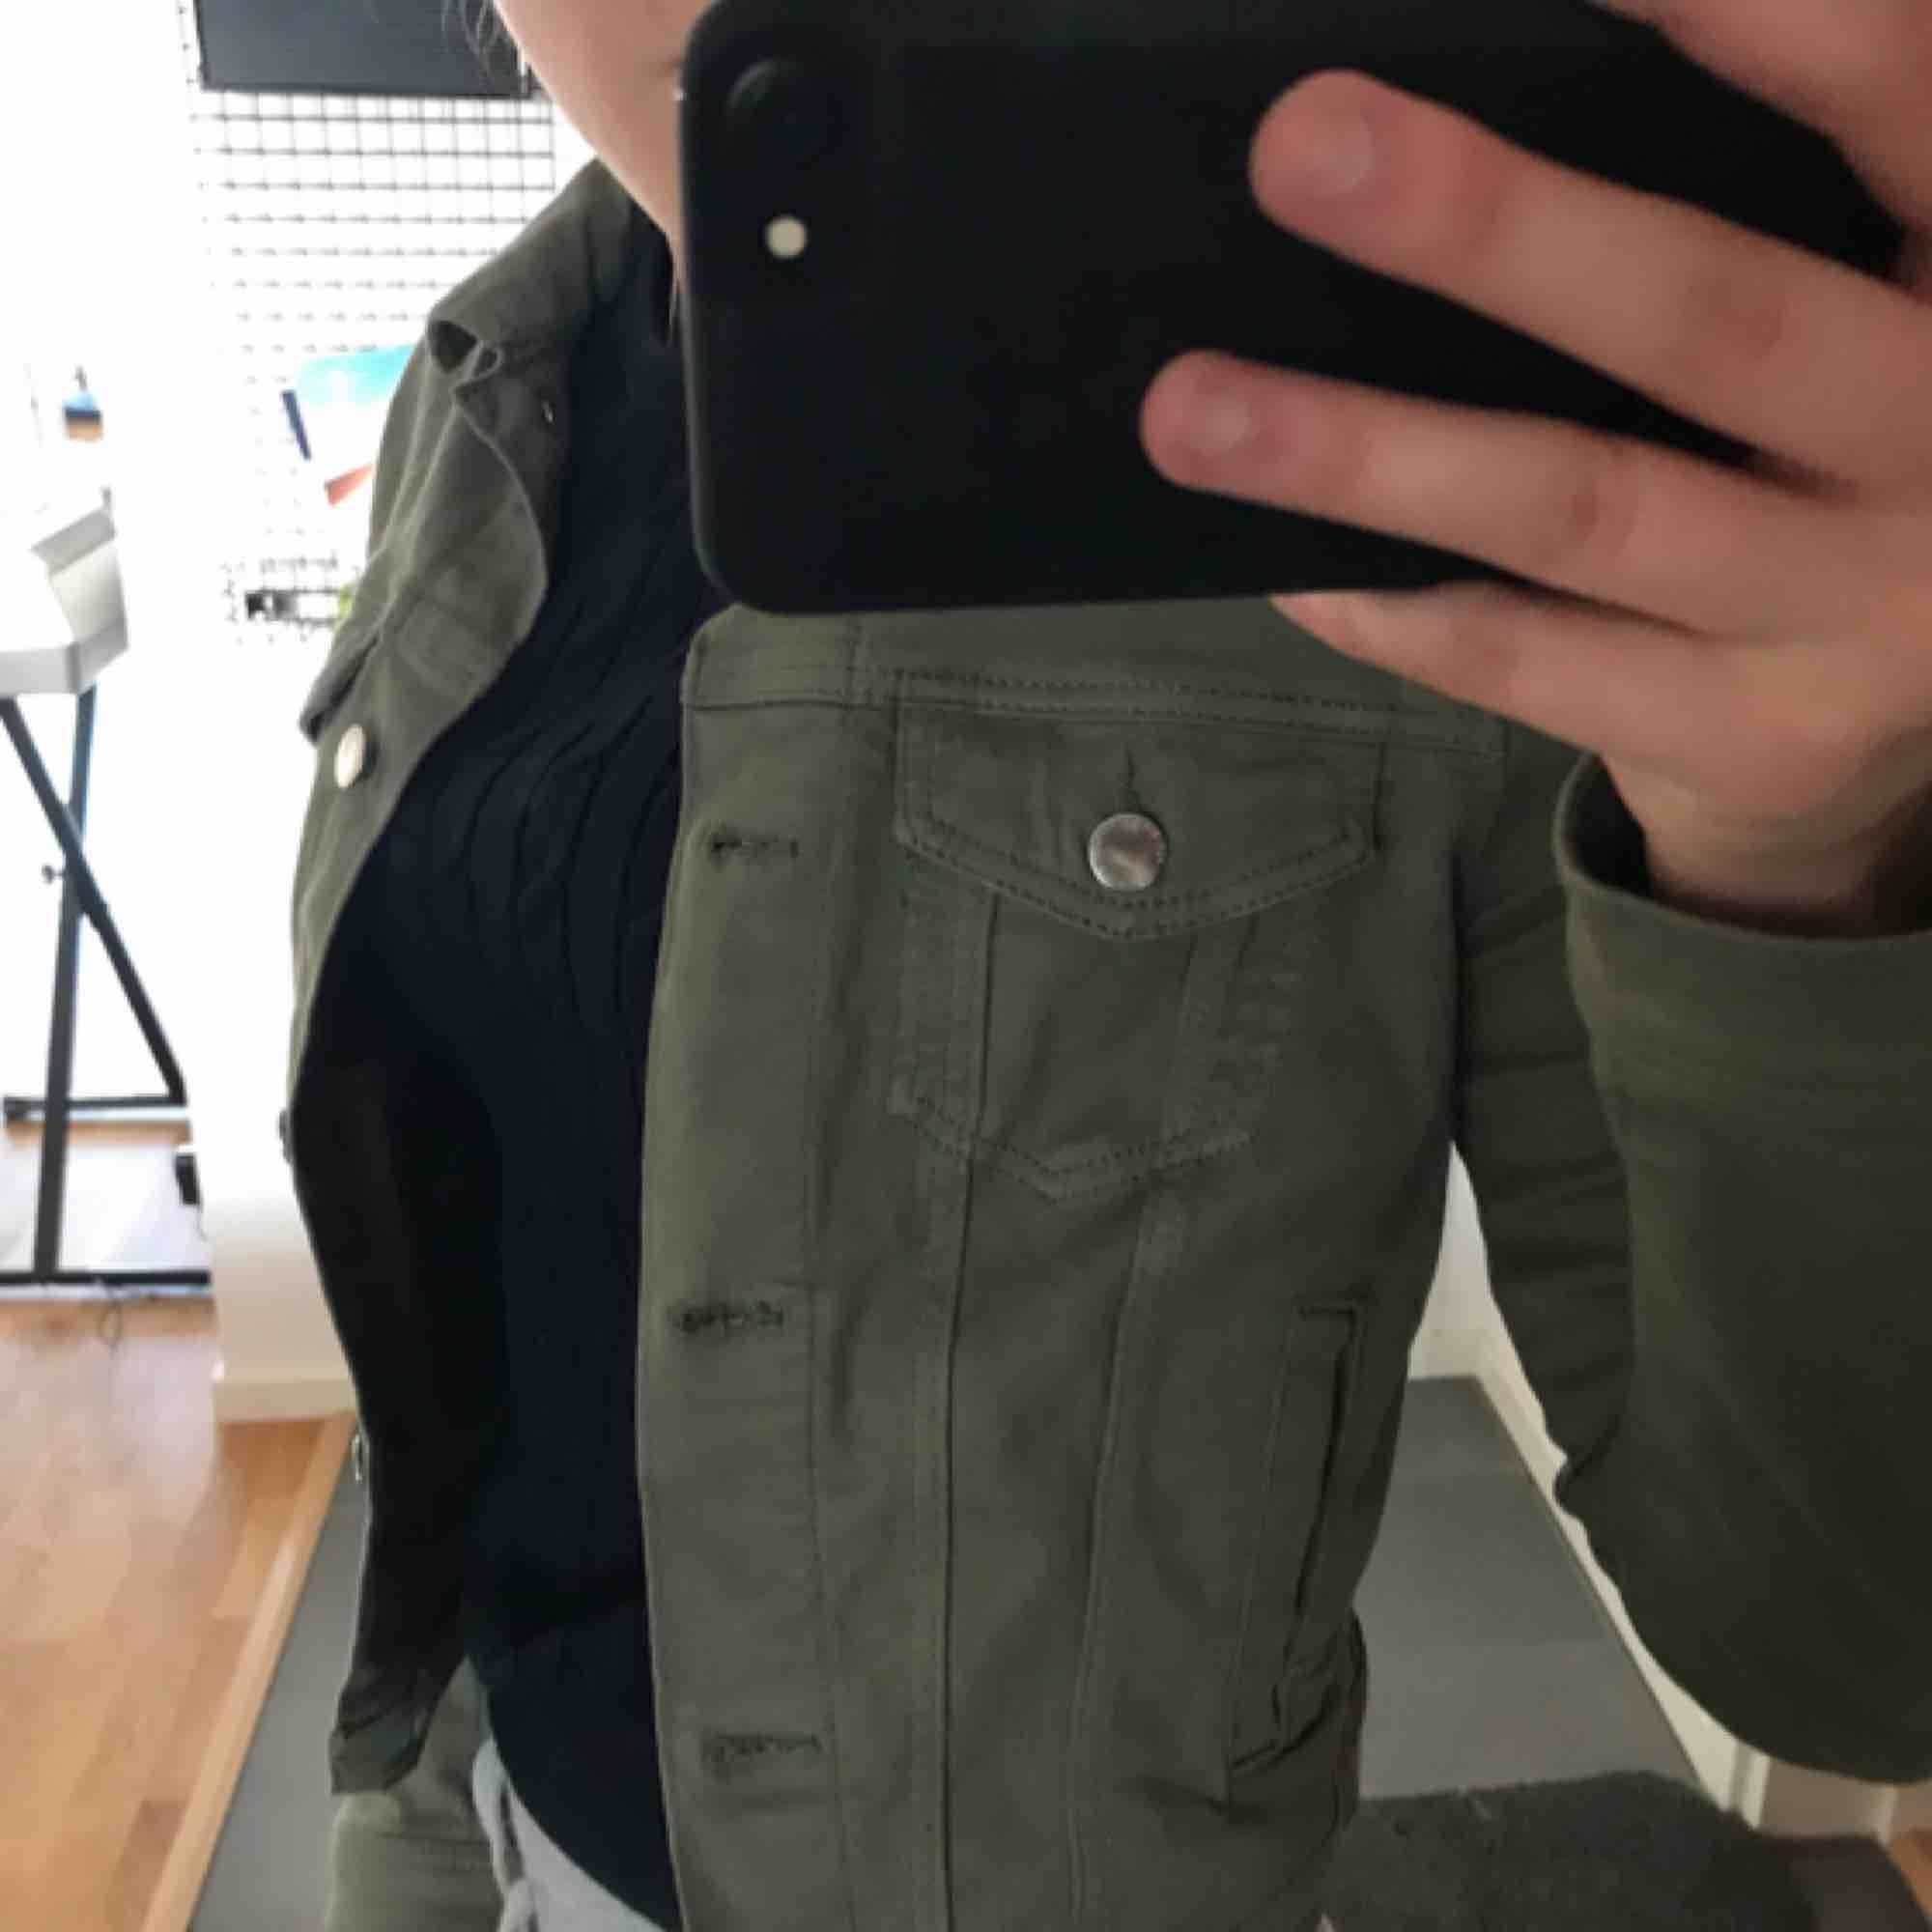 Militär grön jeans jacka, Köpt för 250, använd ca 2 gånger, som ny. Jackor.